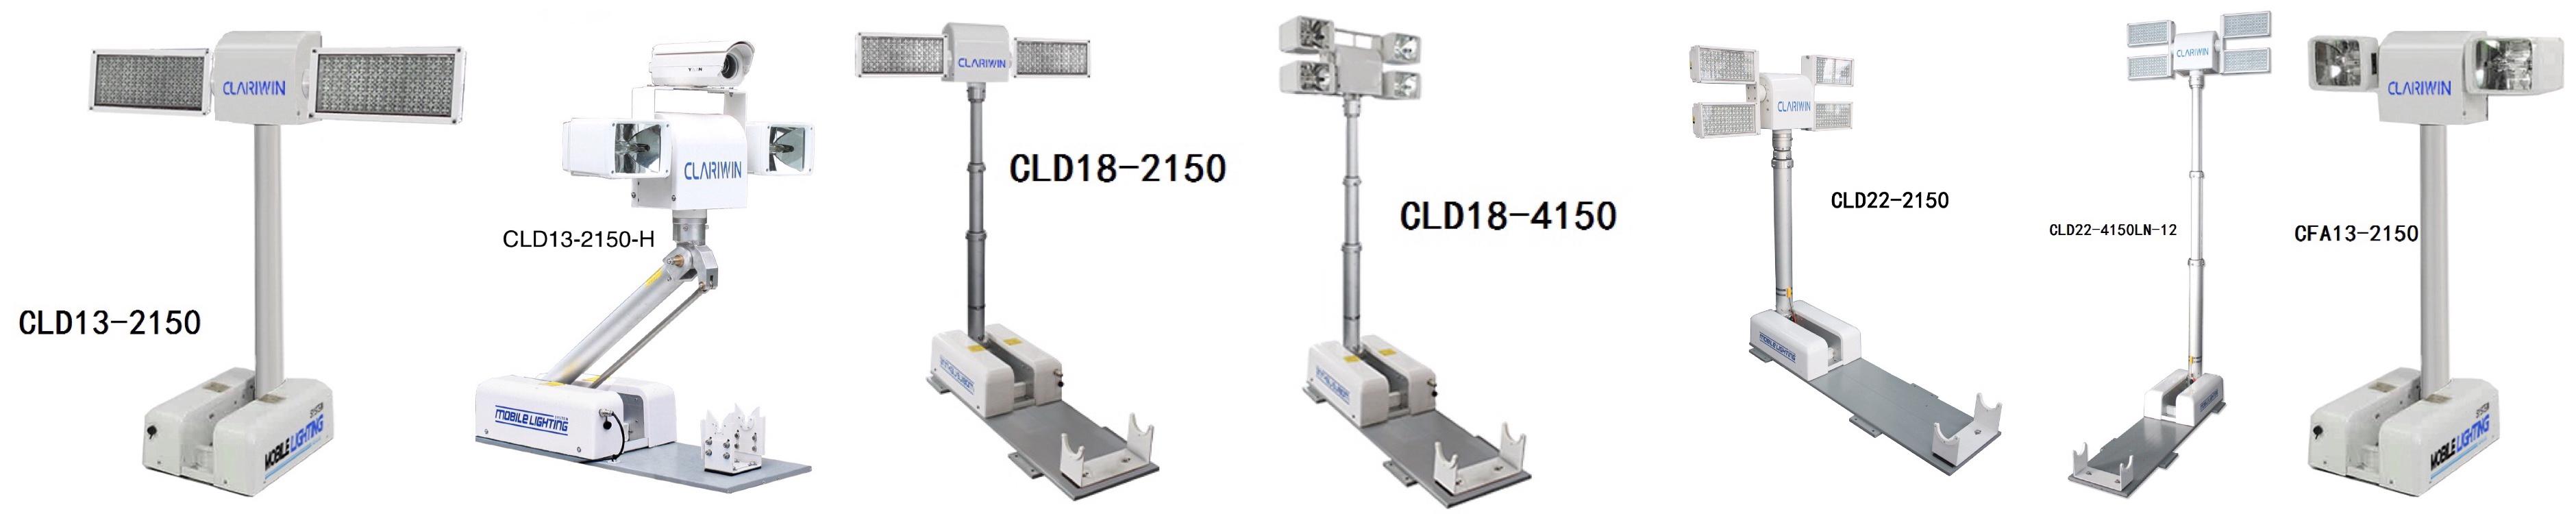 クラランス1.8mレスキュー空気圧伸縮マストledライトタワー